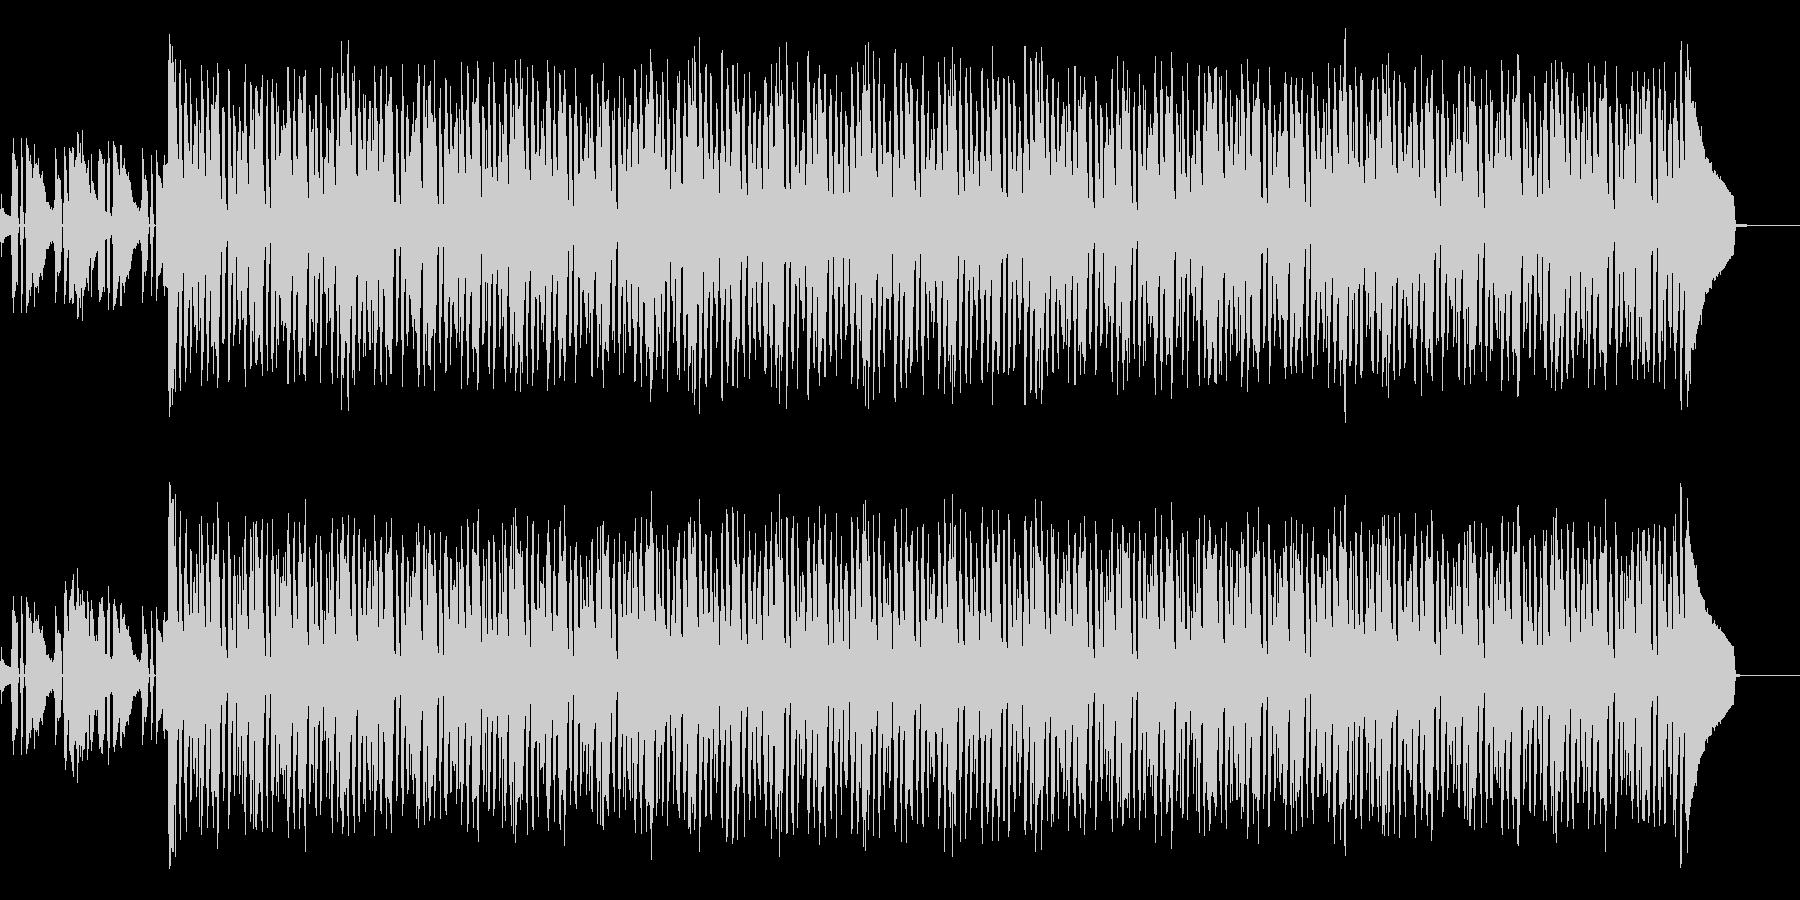 シンプルなバンドアンサンブルのバッキングの未再生の波形